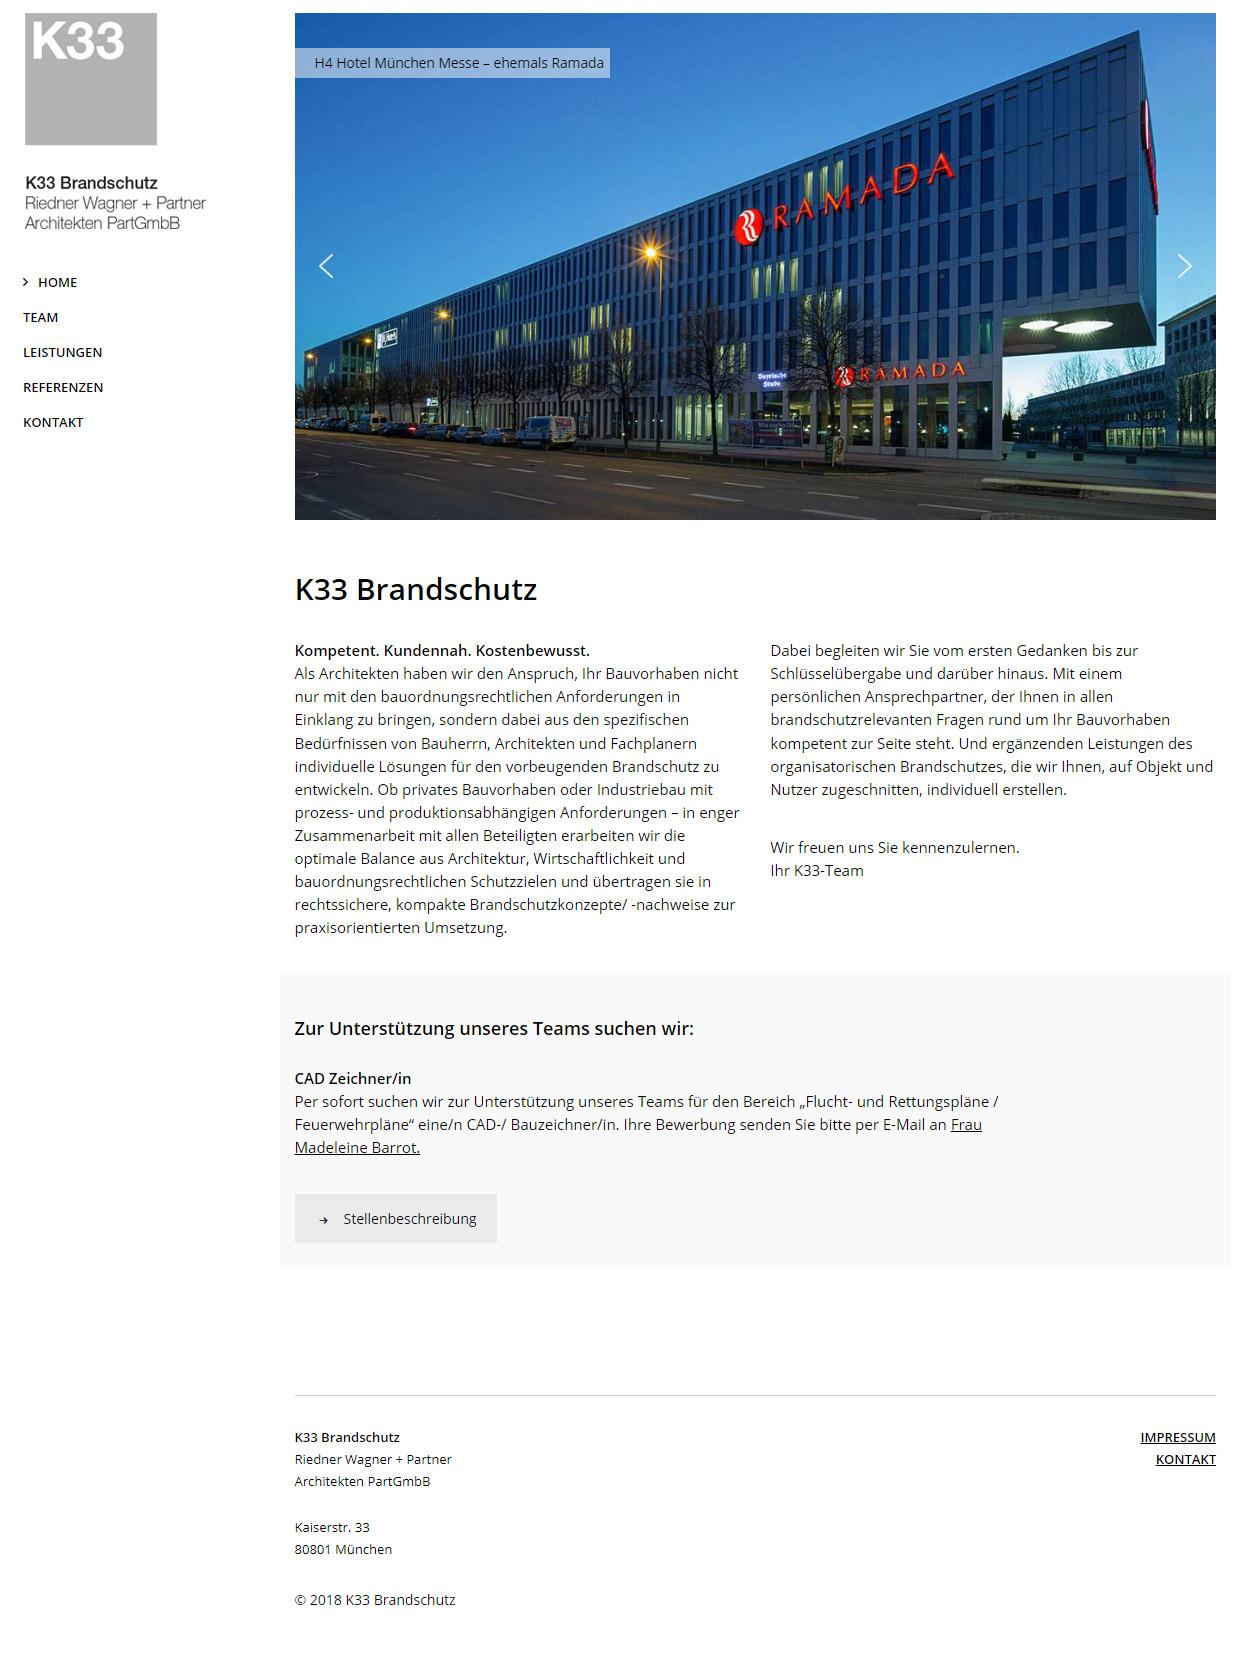 K33 Brandschutz Website